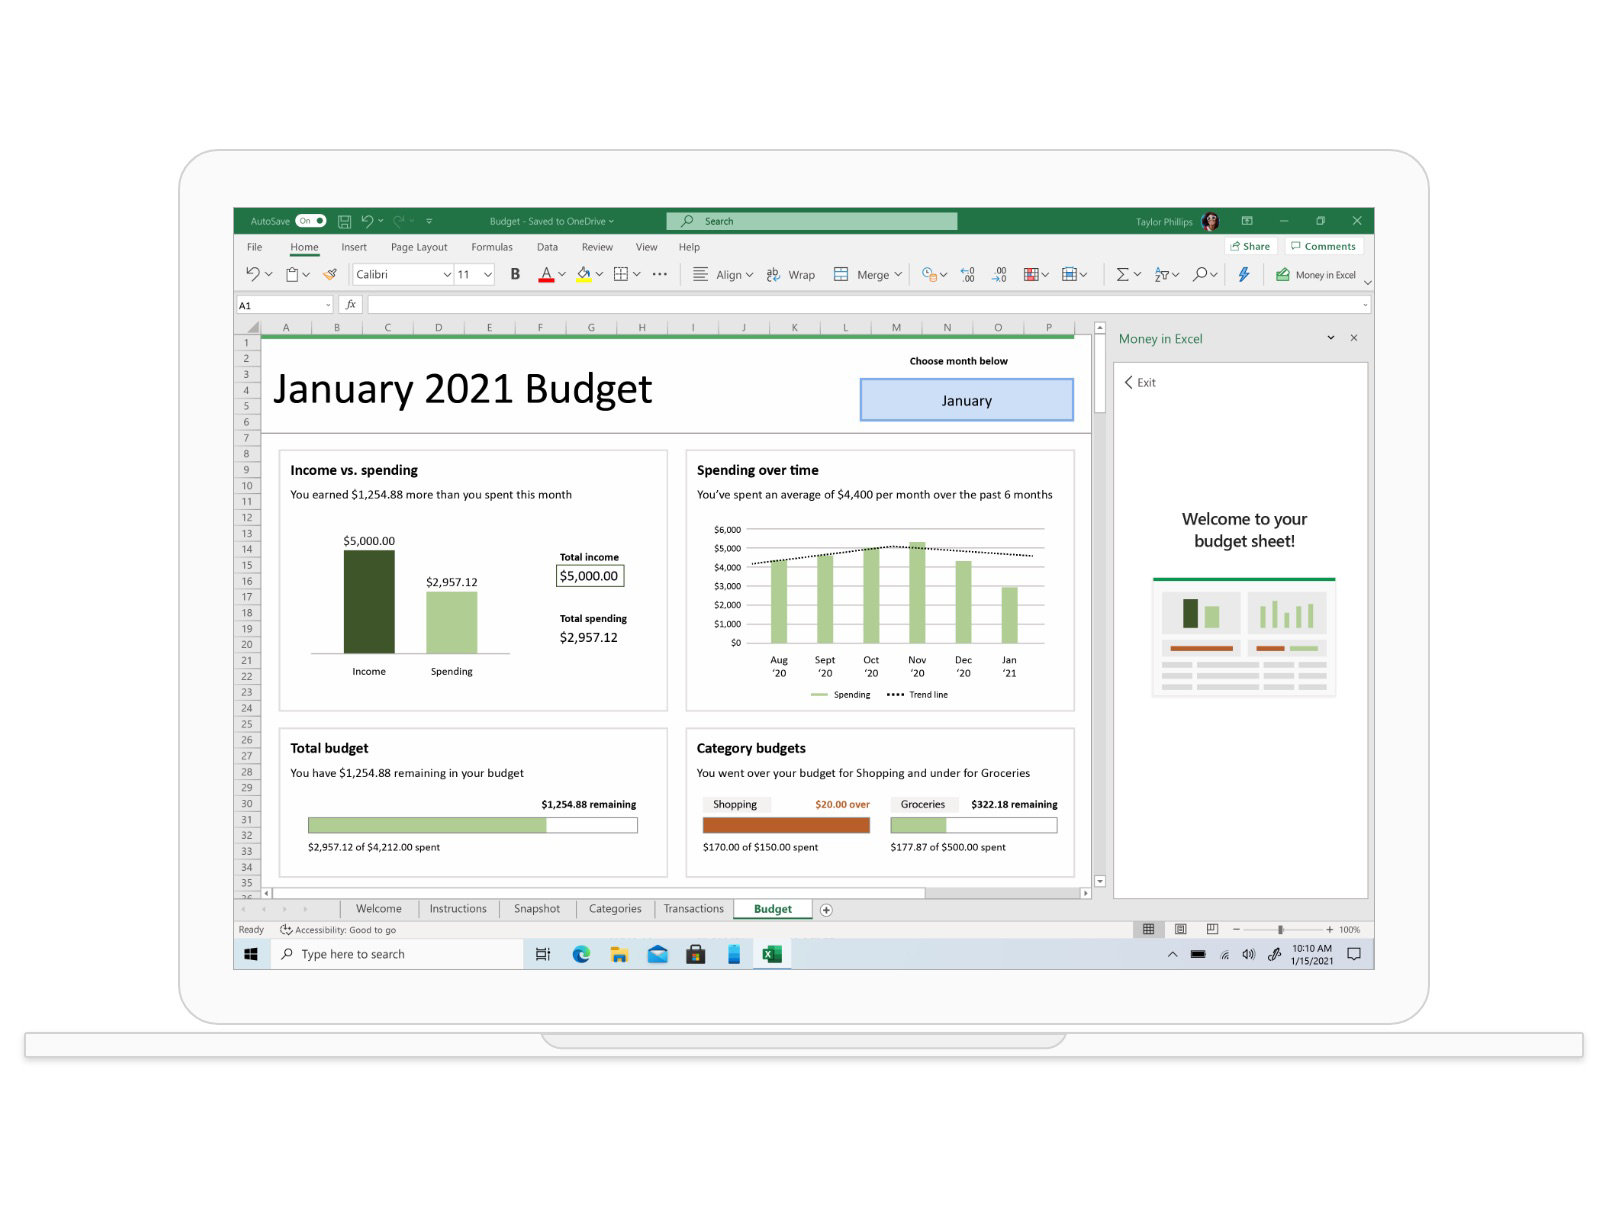 Feuille de calcul Excel d'un budget de janvier 2021 avec des tableaux et des graphiques.